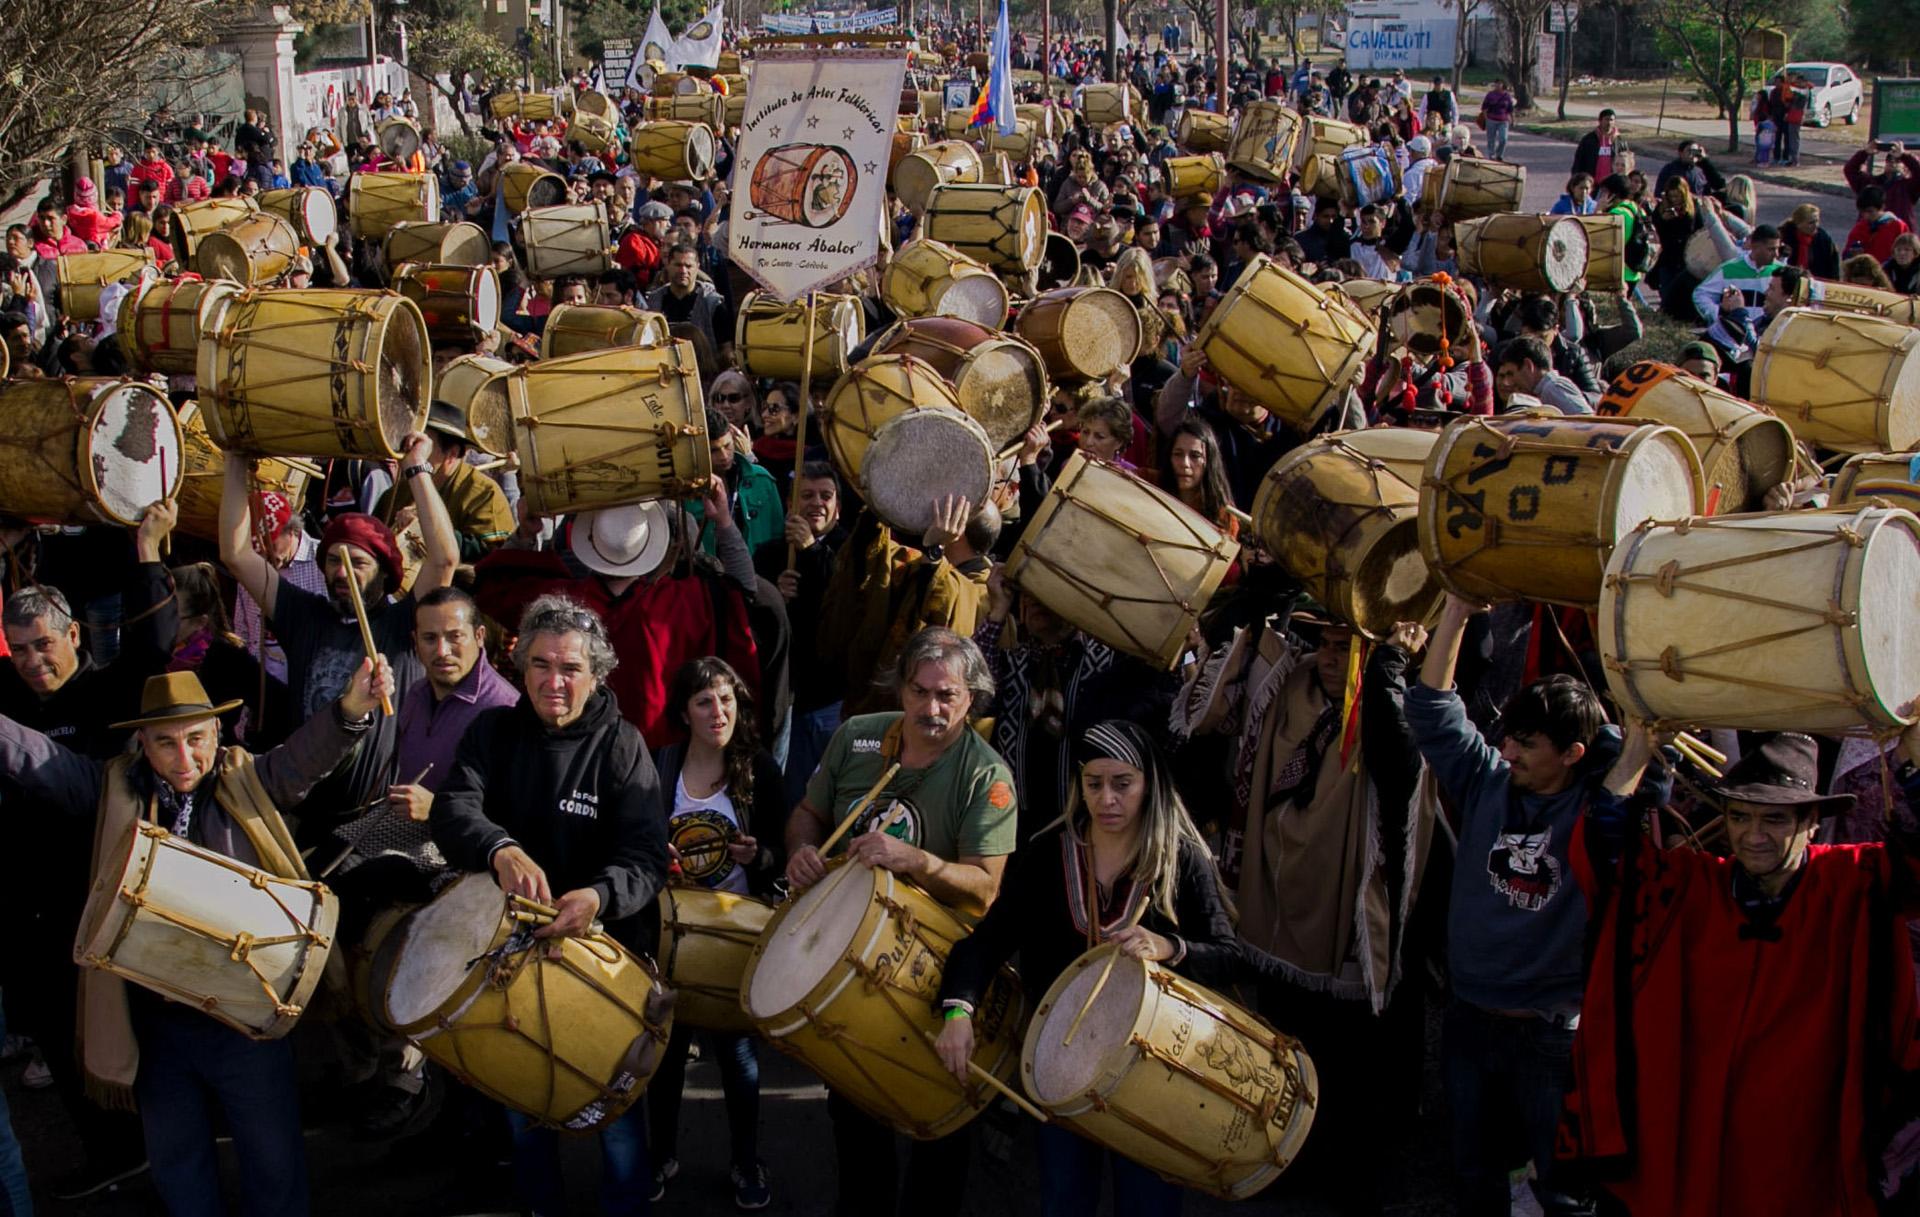 """Miles de personas participaron hoy de la decimoquinta edición de la marcha de los bombos con motivo de los festejos por el 464 aniversario de la fundación de Santiago del Estero, la denominada """"Madre de Ciudades"""" de la Argentina"""